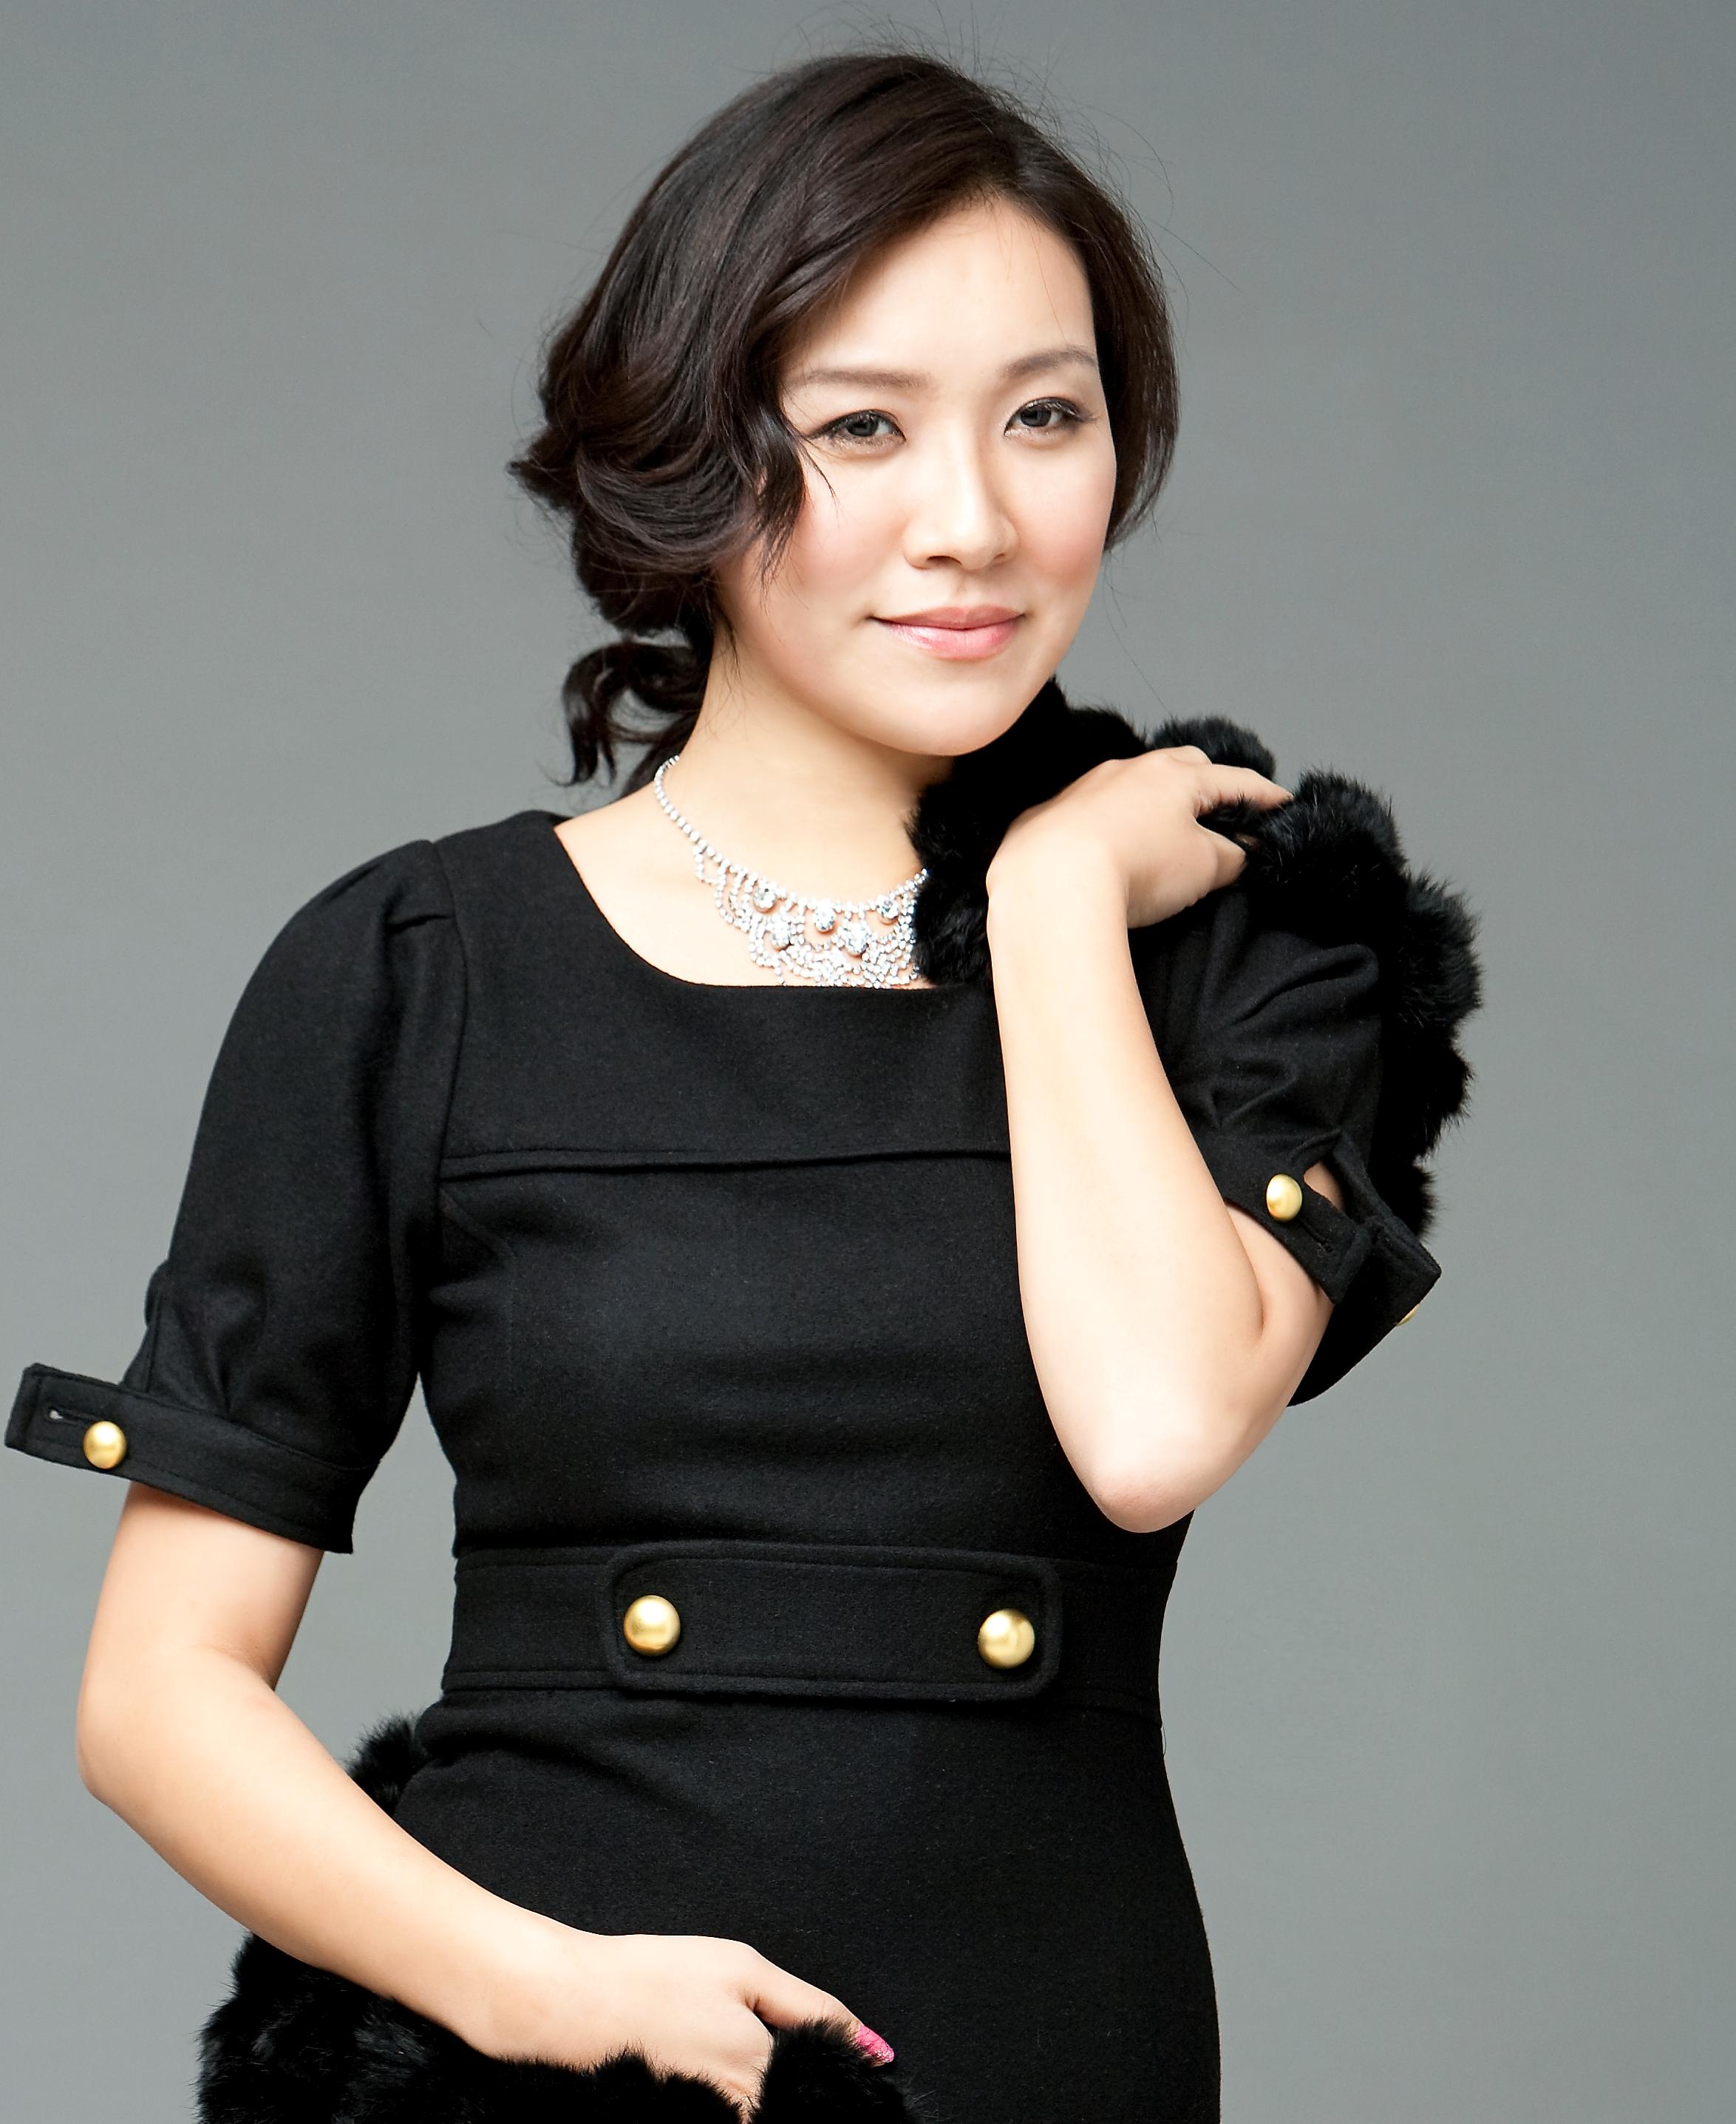 Rose Jang 세종 프로필 사진 반신